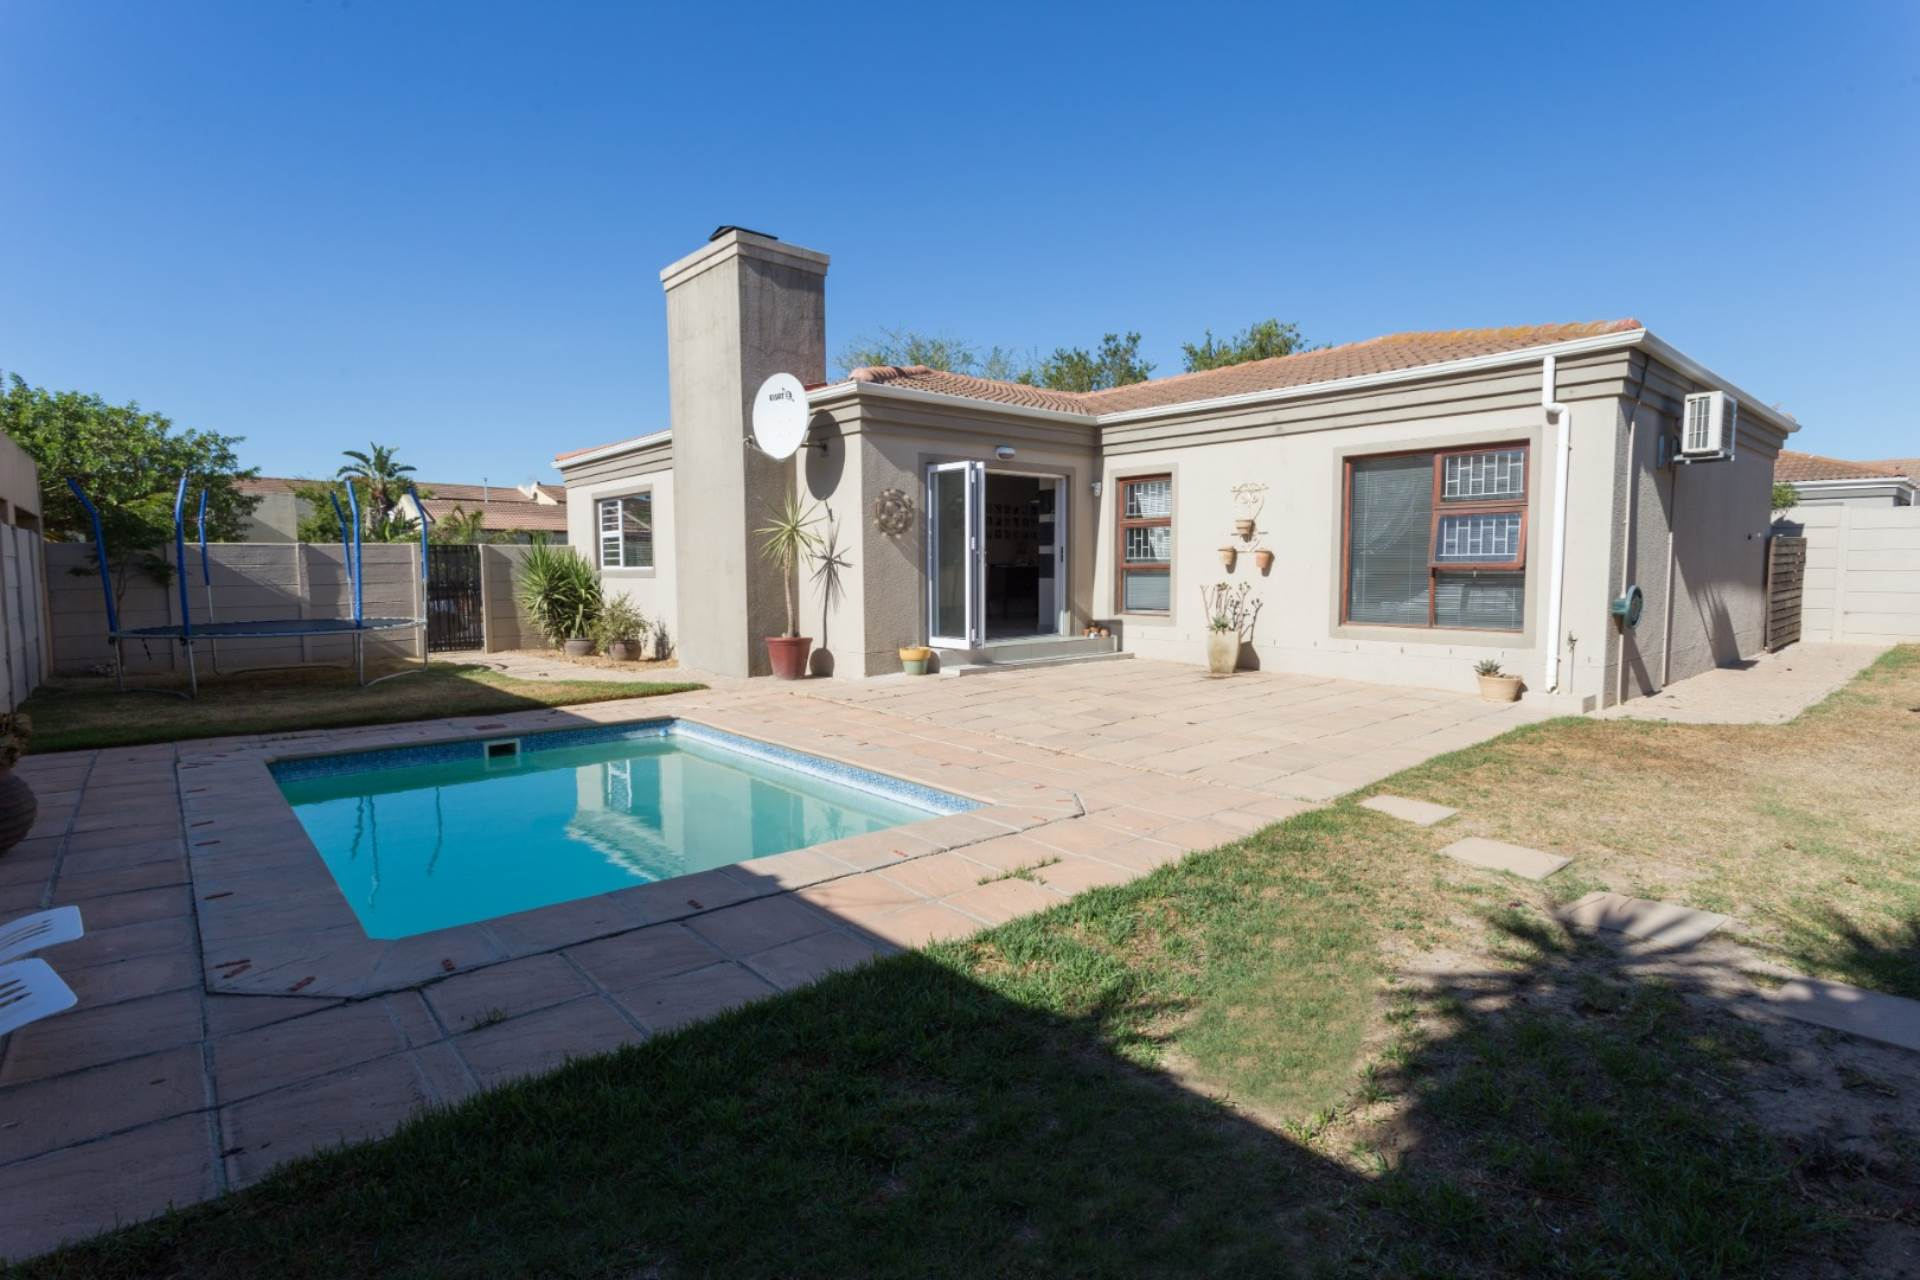 3 BedroomHouse Pending Sale In Uitzicht